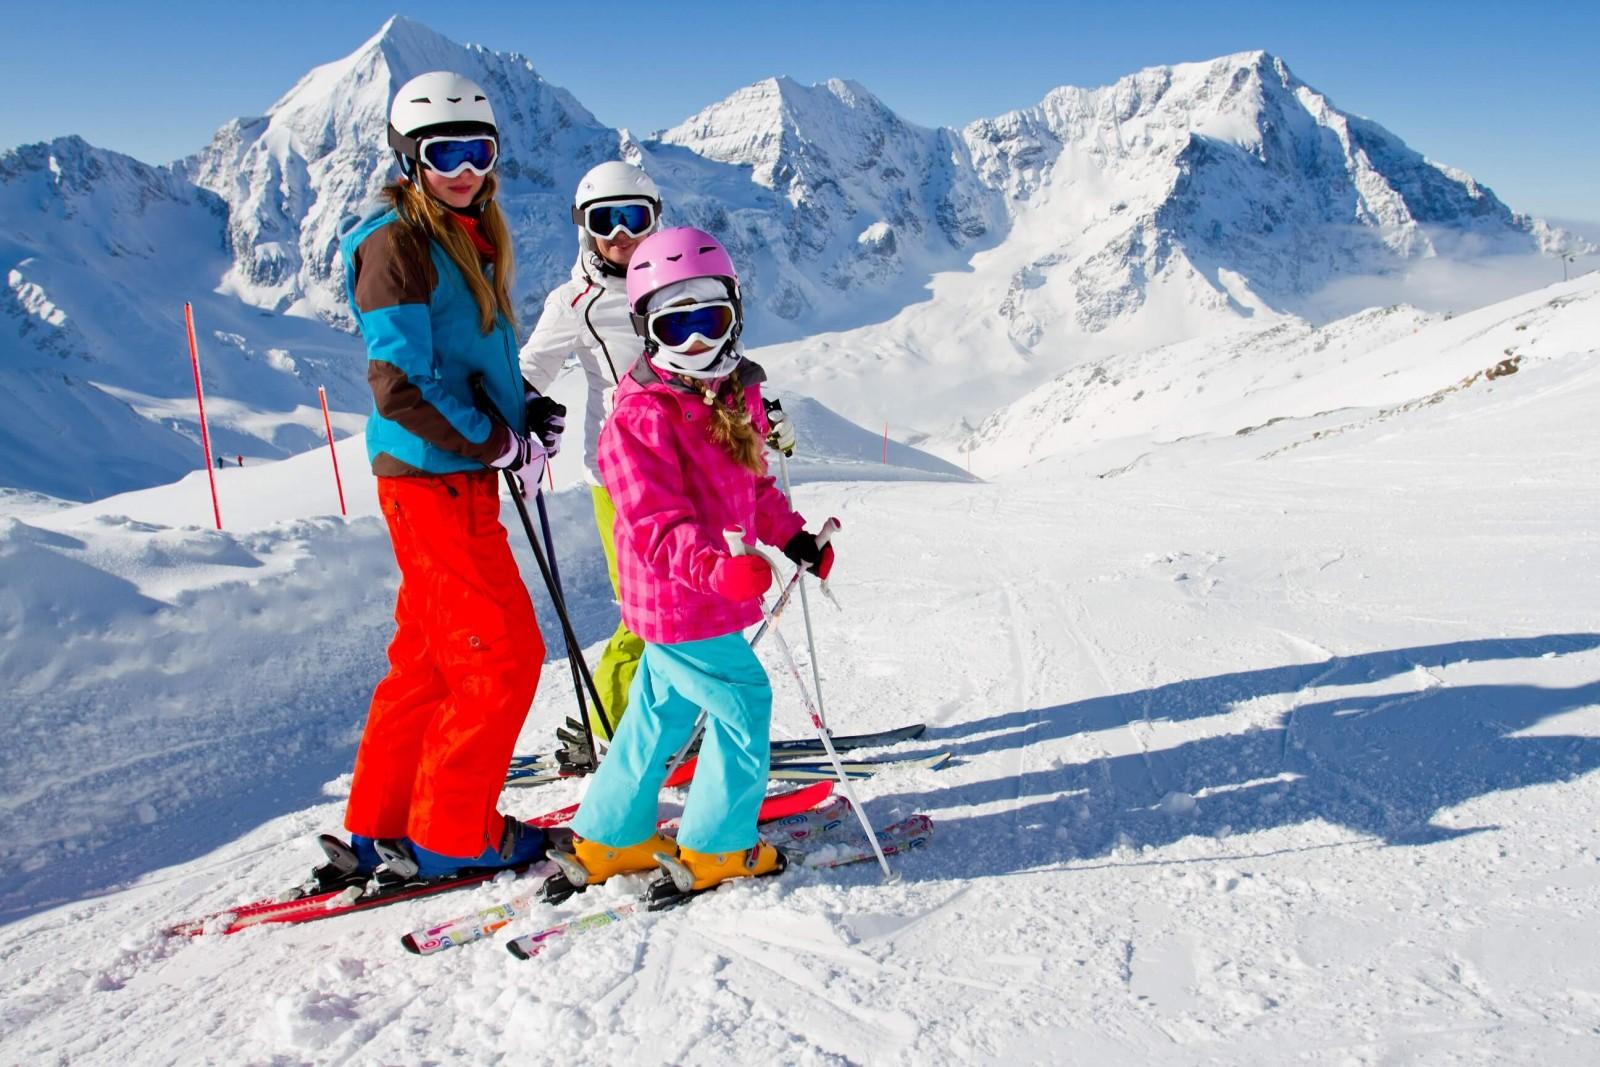 Діти на снігу: лижі або сноуборд?